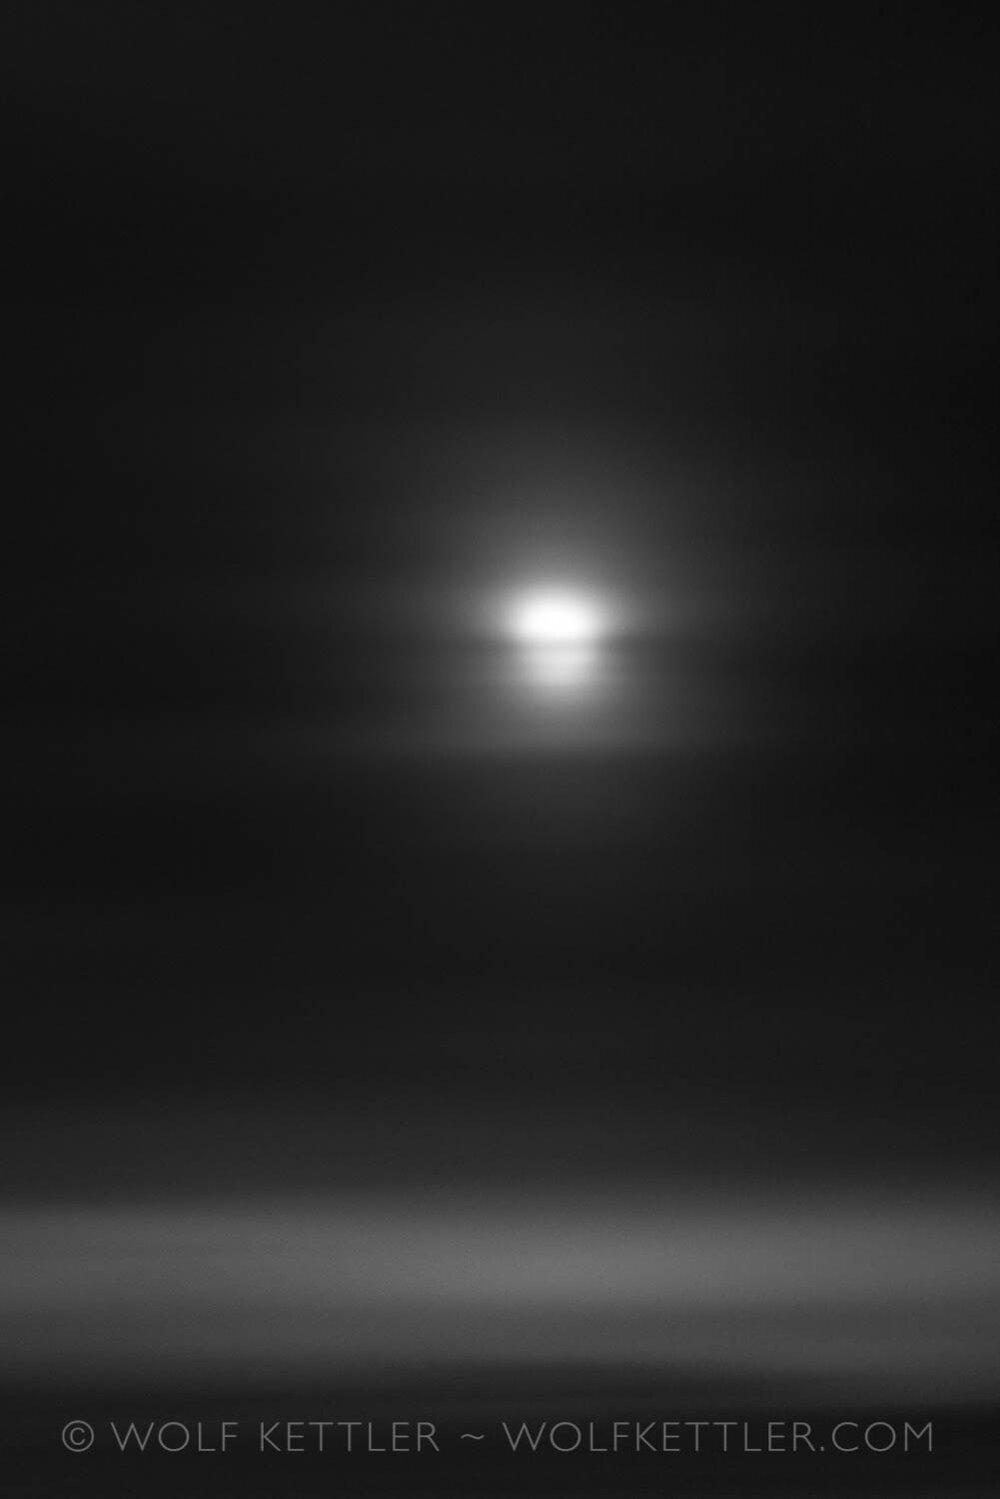 Night Sky No. 75